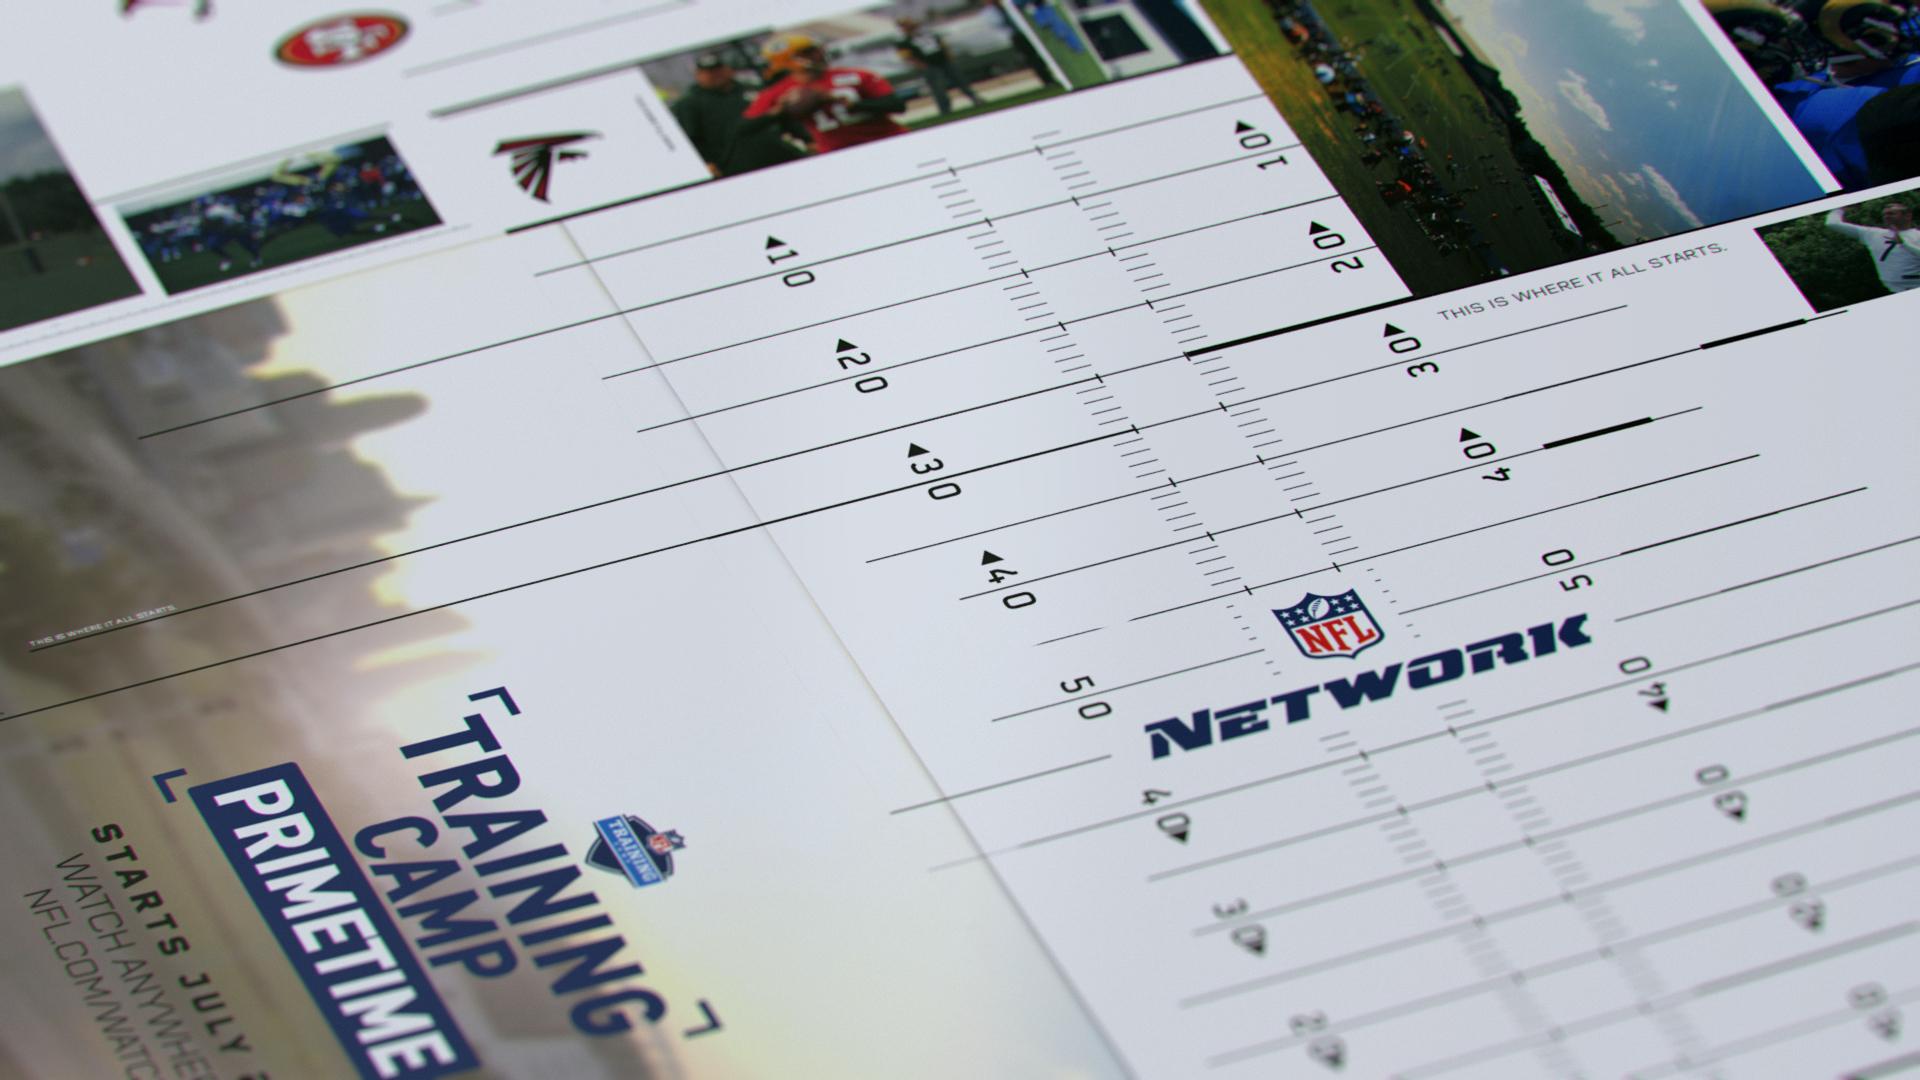 gh_LK_NFL_v2-TRAININGCAMP-07.jpg